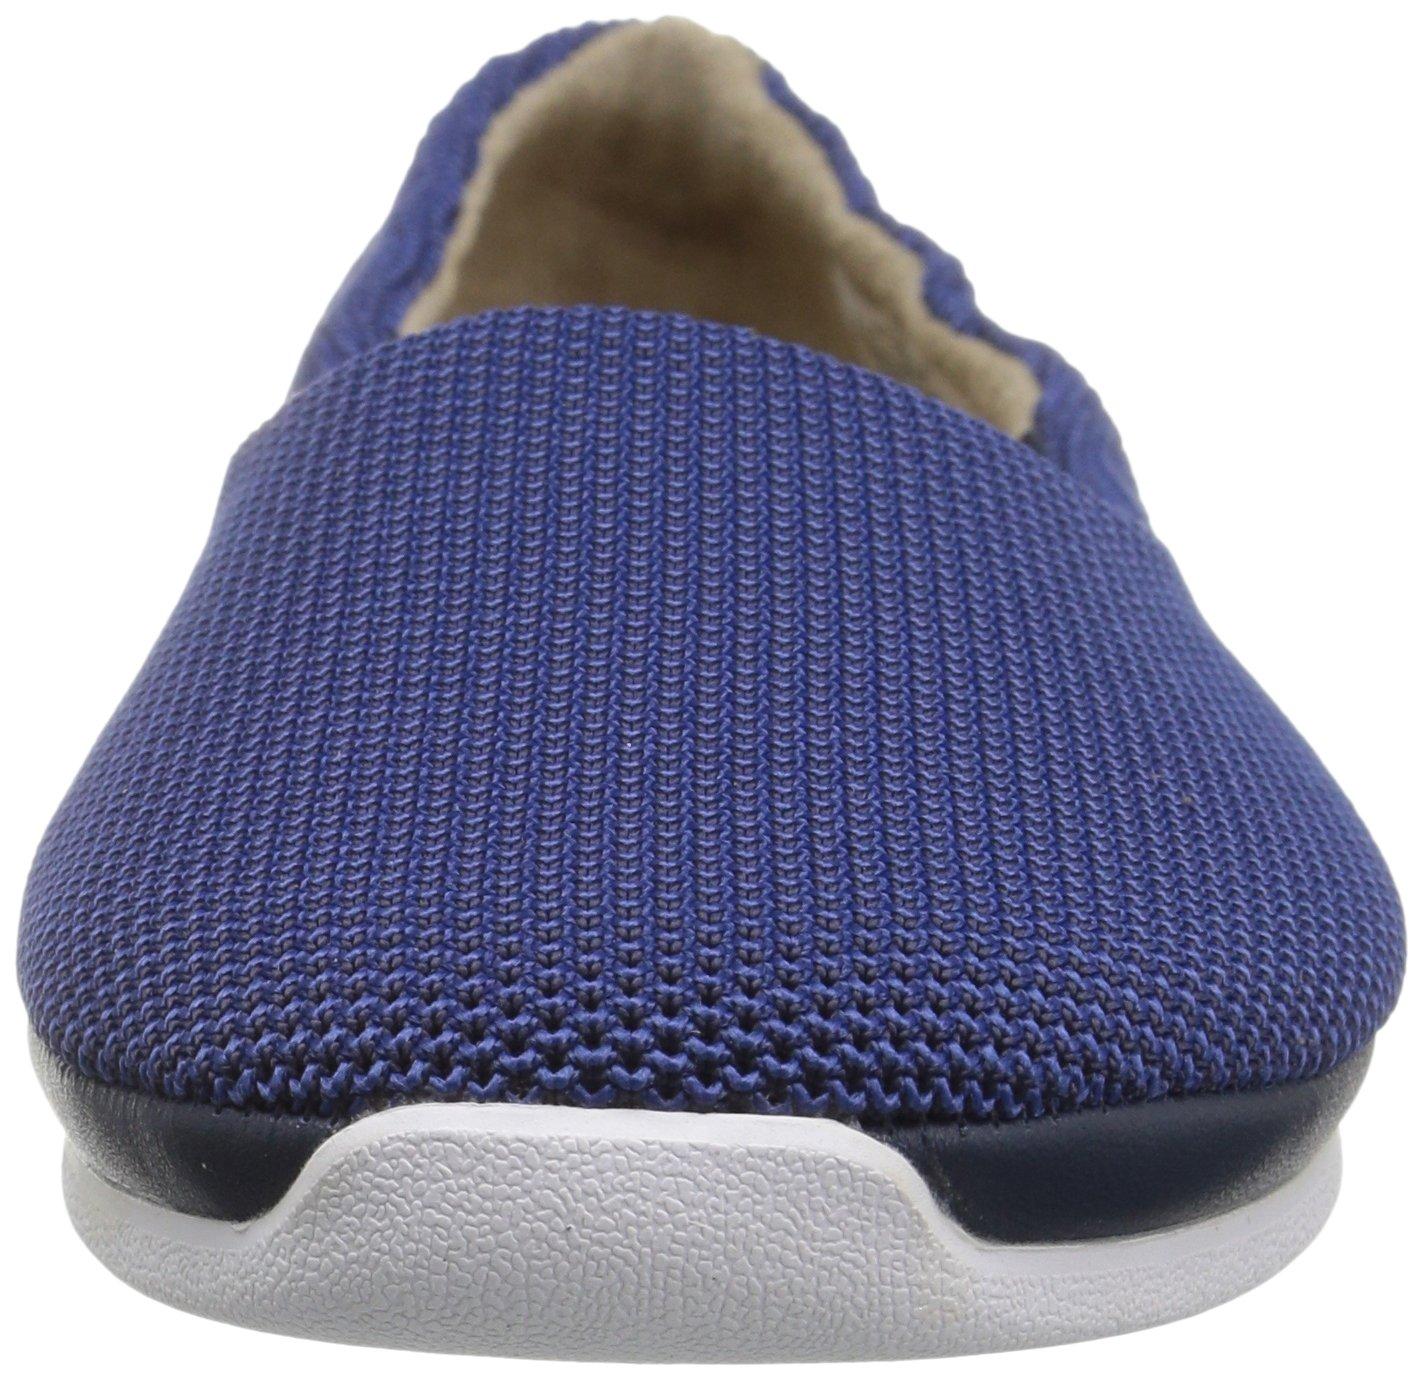 c220799cde6af ... Lacoste Women s Rosabel Slip 117 1 Fashion Sneaker B01M6ZZFFE  B01M6ZZFFE B01M6ZZFFE 7.5 B(M) ...